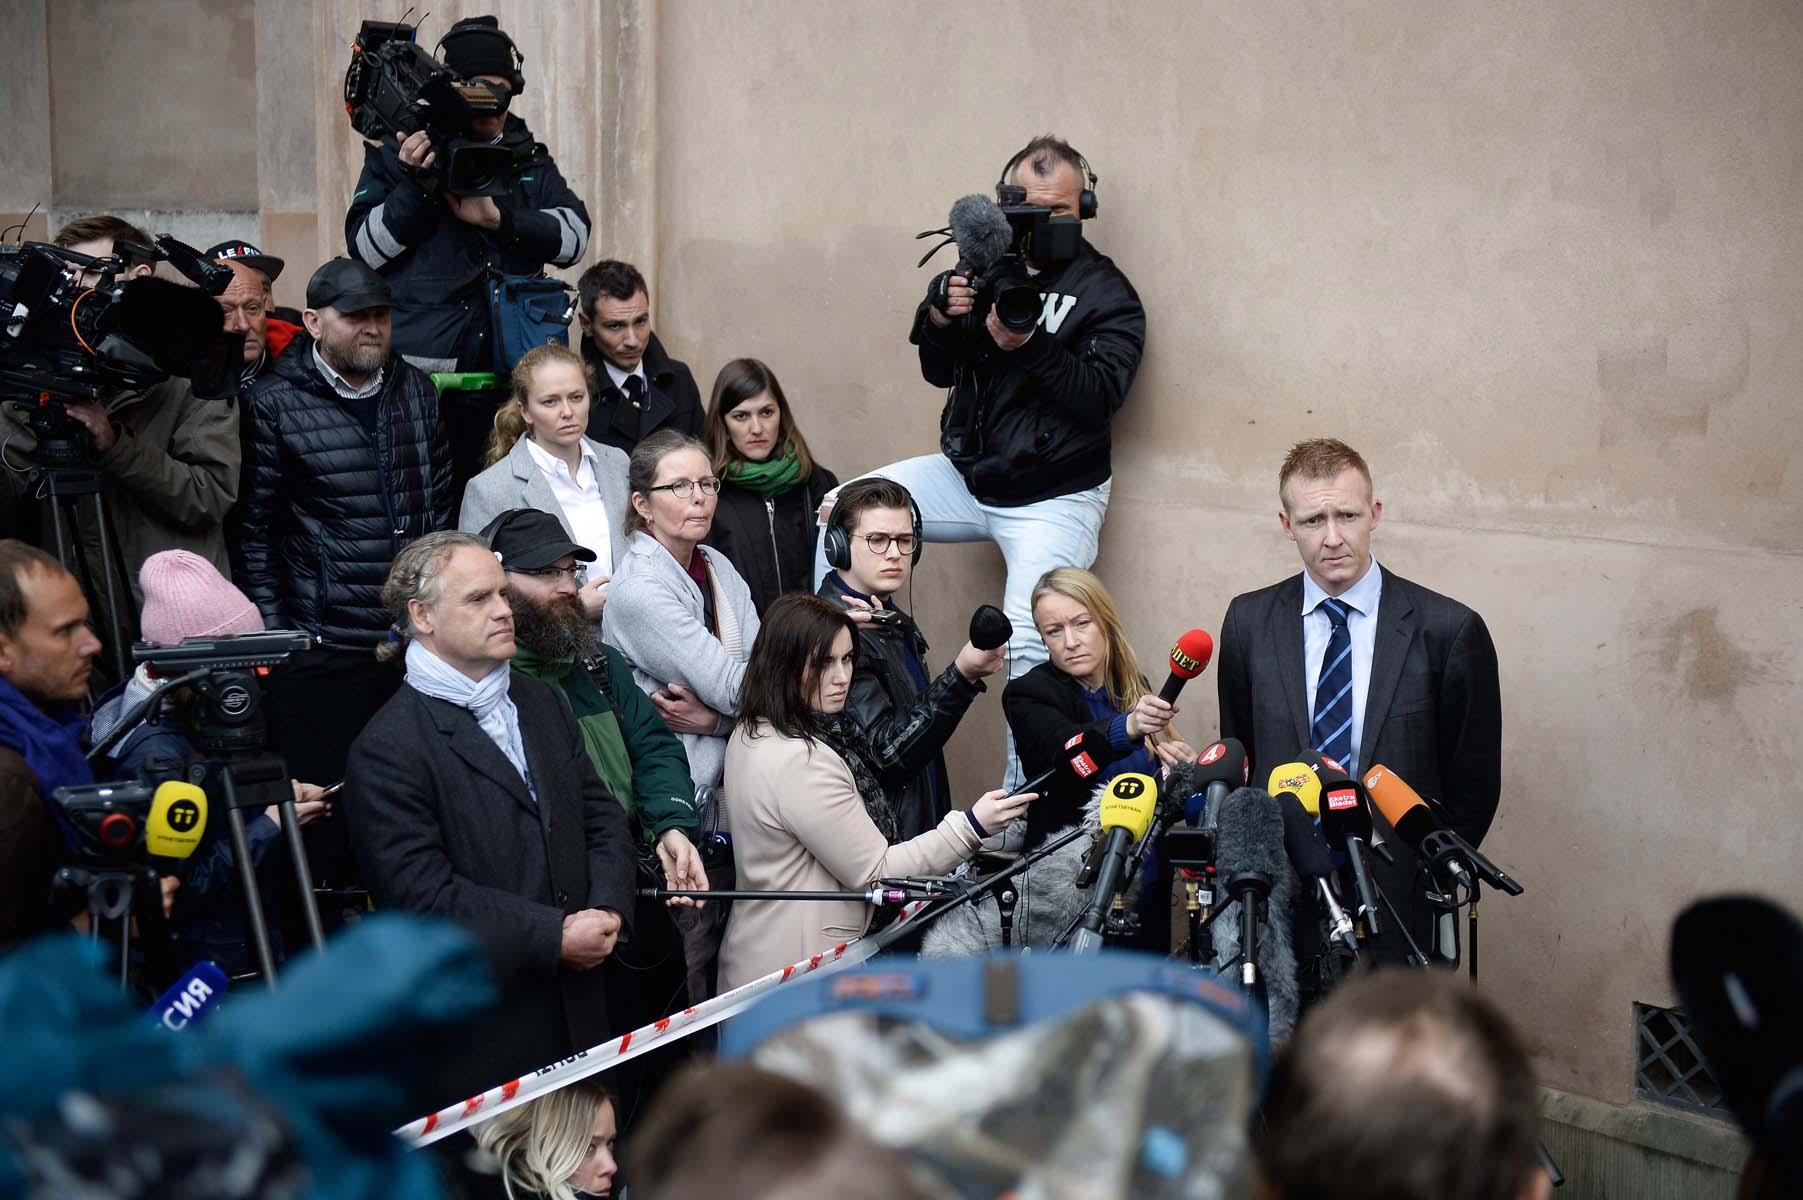 Υπόθεση Βαλ: Ο Χάνιμπαλ Λέκτερ της Δανίας και η δολοφονία-θρίλερ - Φωτογραφία 8